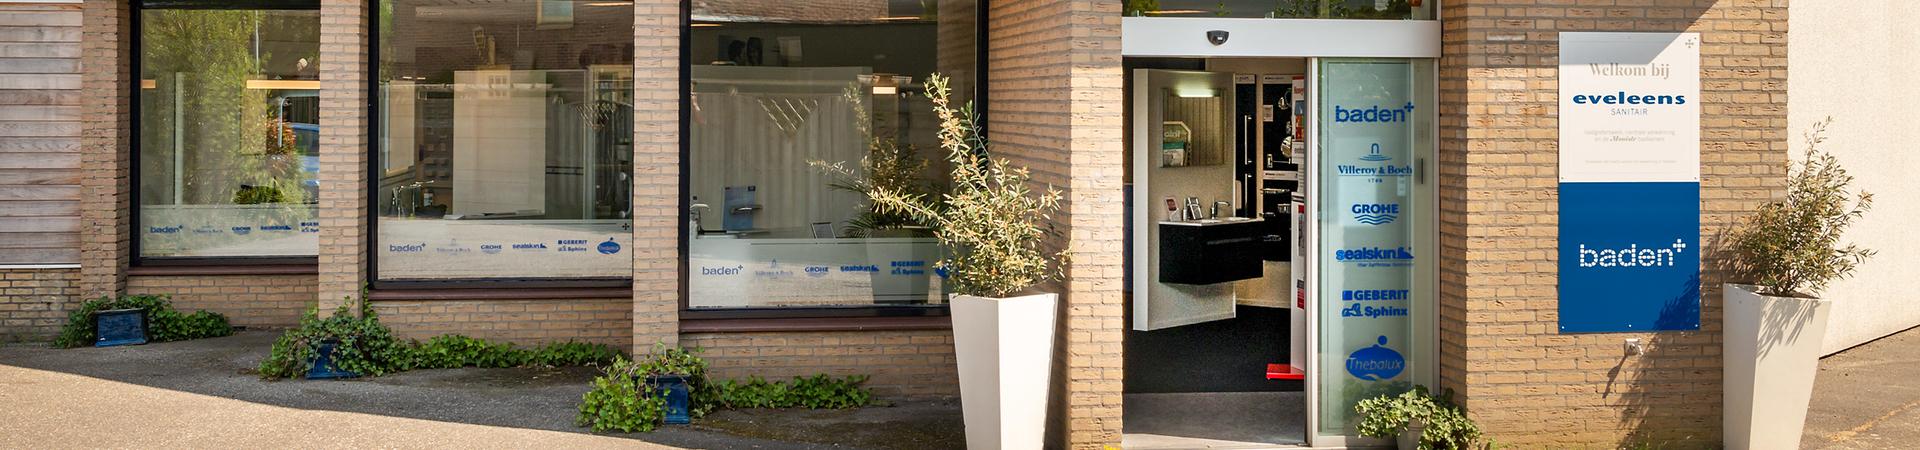 Eveleens Sanitair en Verwarming - Eveleens Sanitair en Verwarming